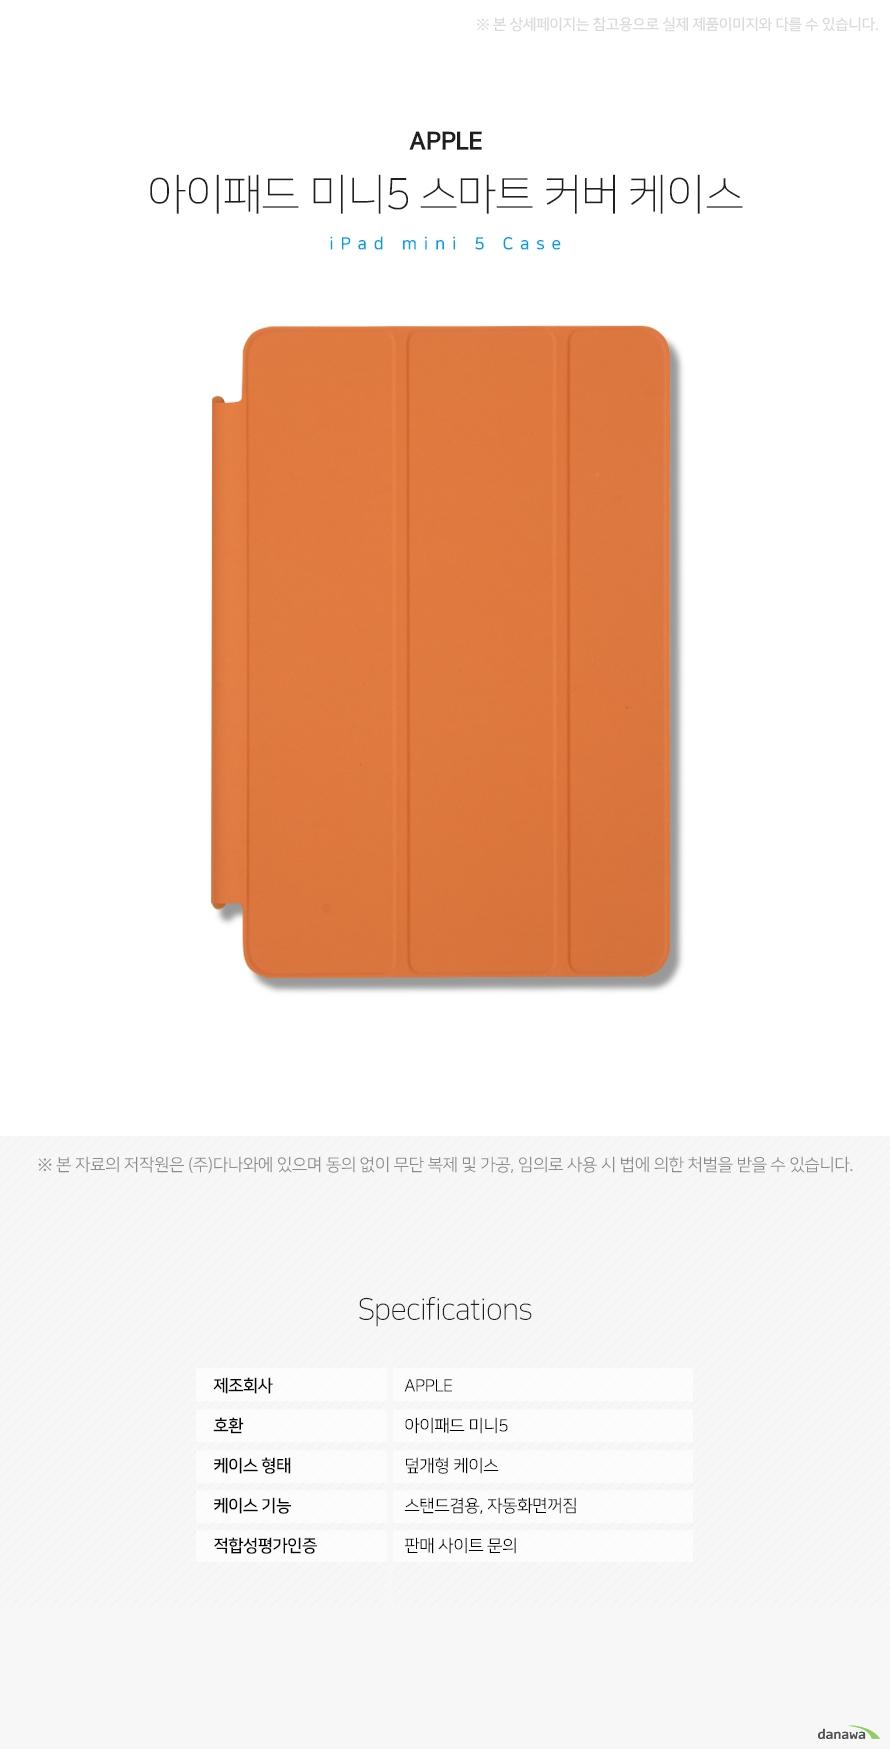 APPLE 아이패드 미니5 스마트 커버 케이스 상세 스펙 태블릿케이스 / 덮개형 케이스 / 스탠드겸용 / 자동화면꺼짐